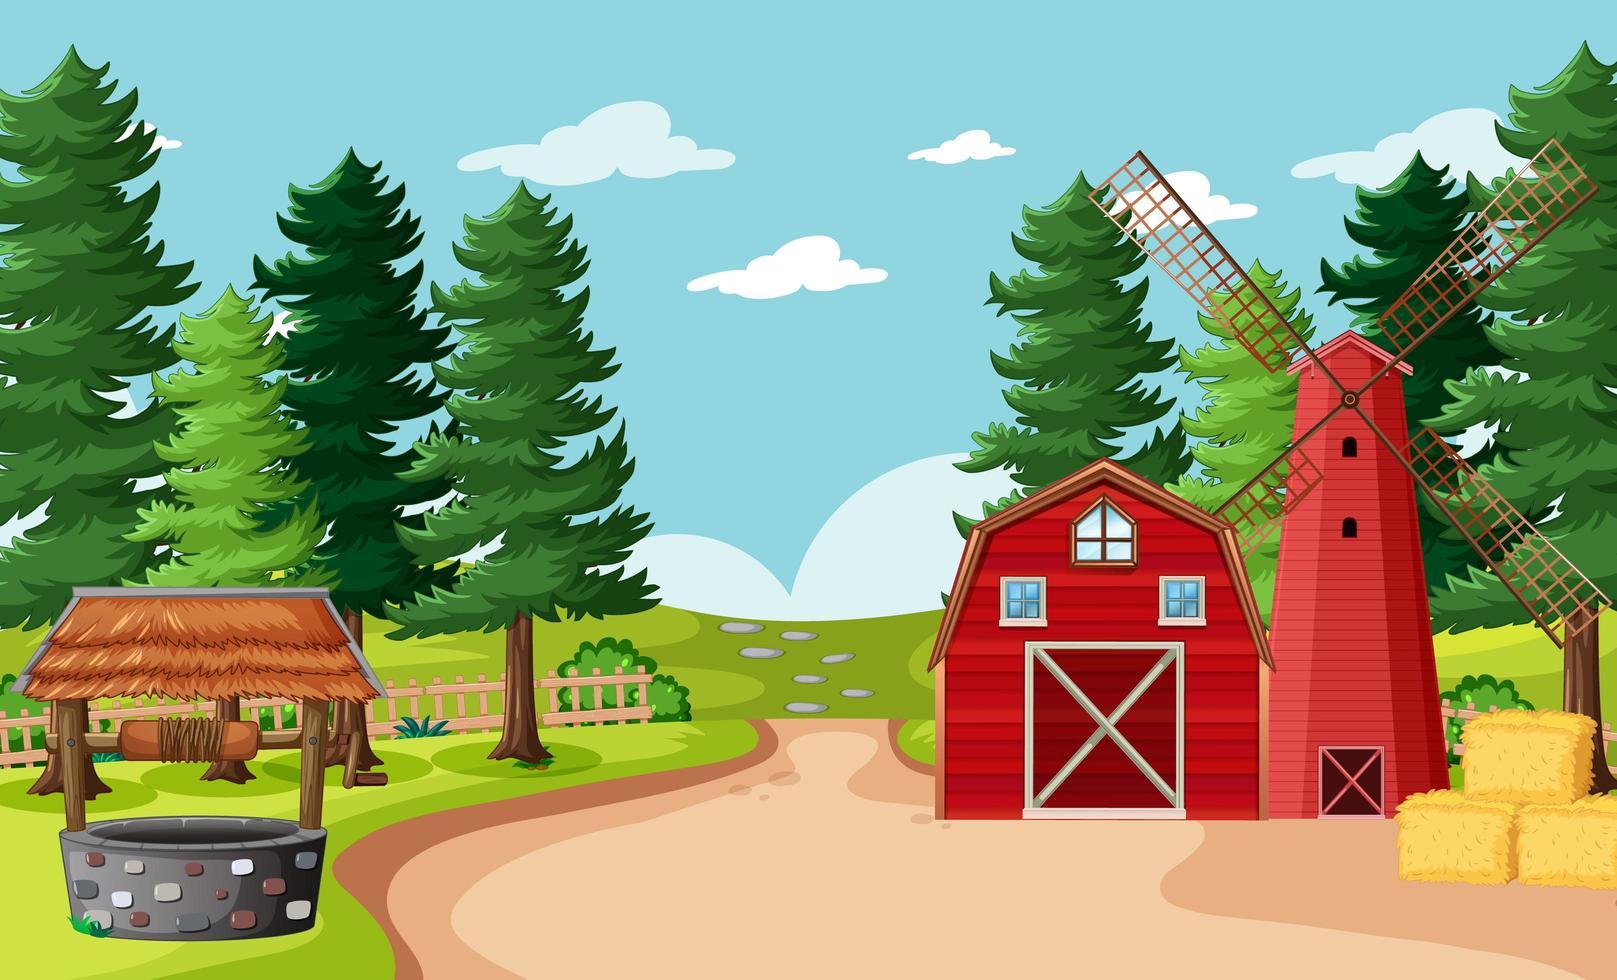 tom gårdsplats i tecknad stil vektor